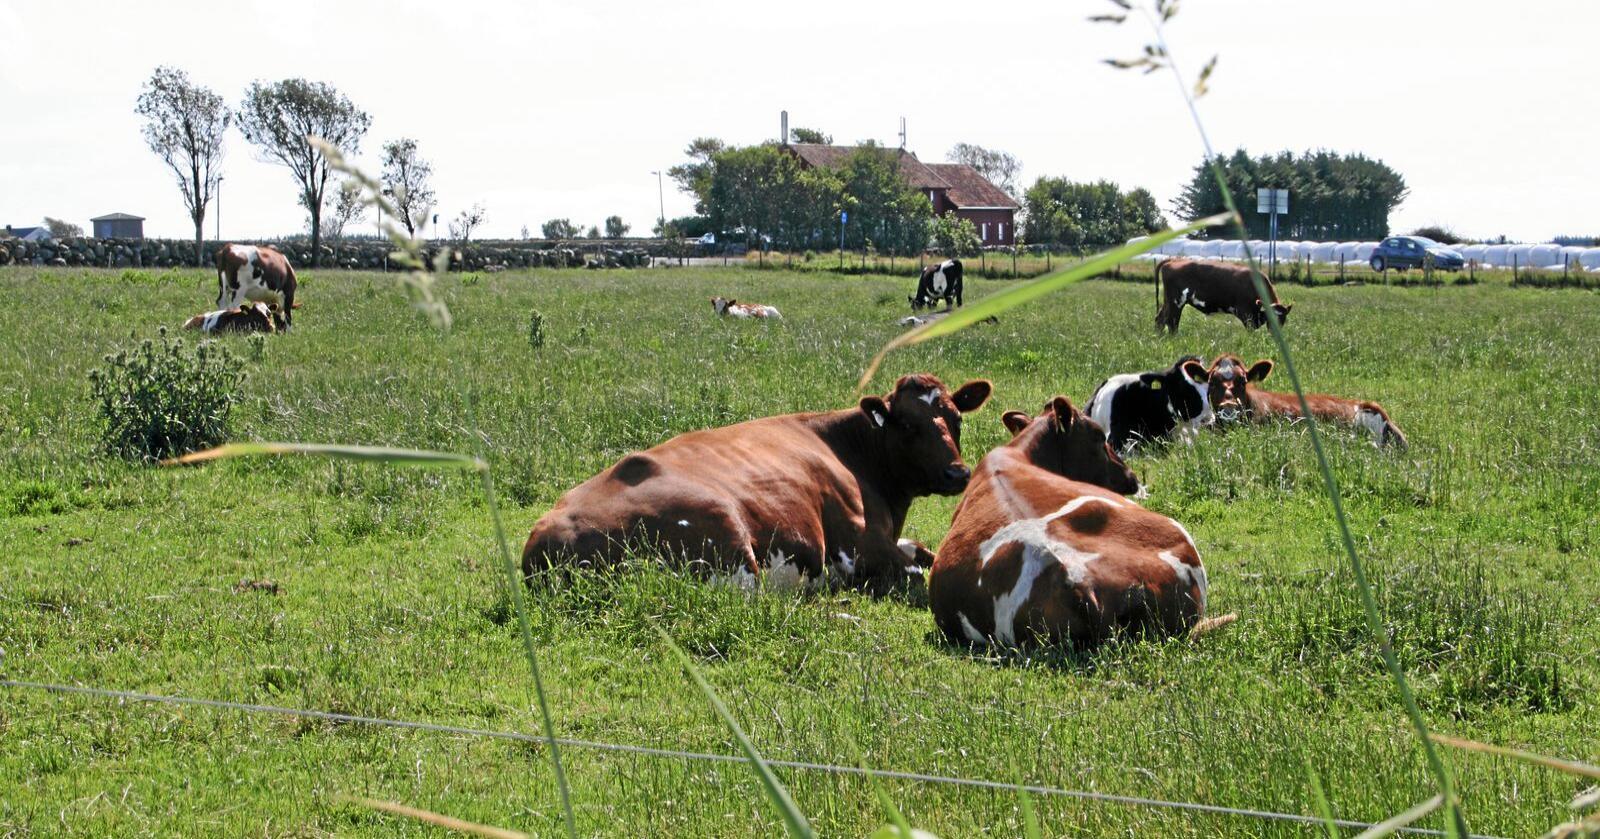 Mjølkebehov: Det er særleg behov for meir mjølk midt på sommaren i år, ifølgje Tine, som ber norske bønder om å halde produksjonen oppe gjennom sommaren slik at Tine klarer dekke etterspørselen etter mjølk og ost. Foto: Bjarne Bekkeheien Aase